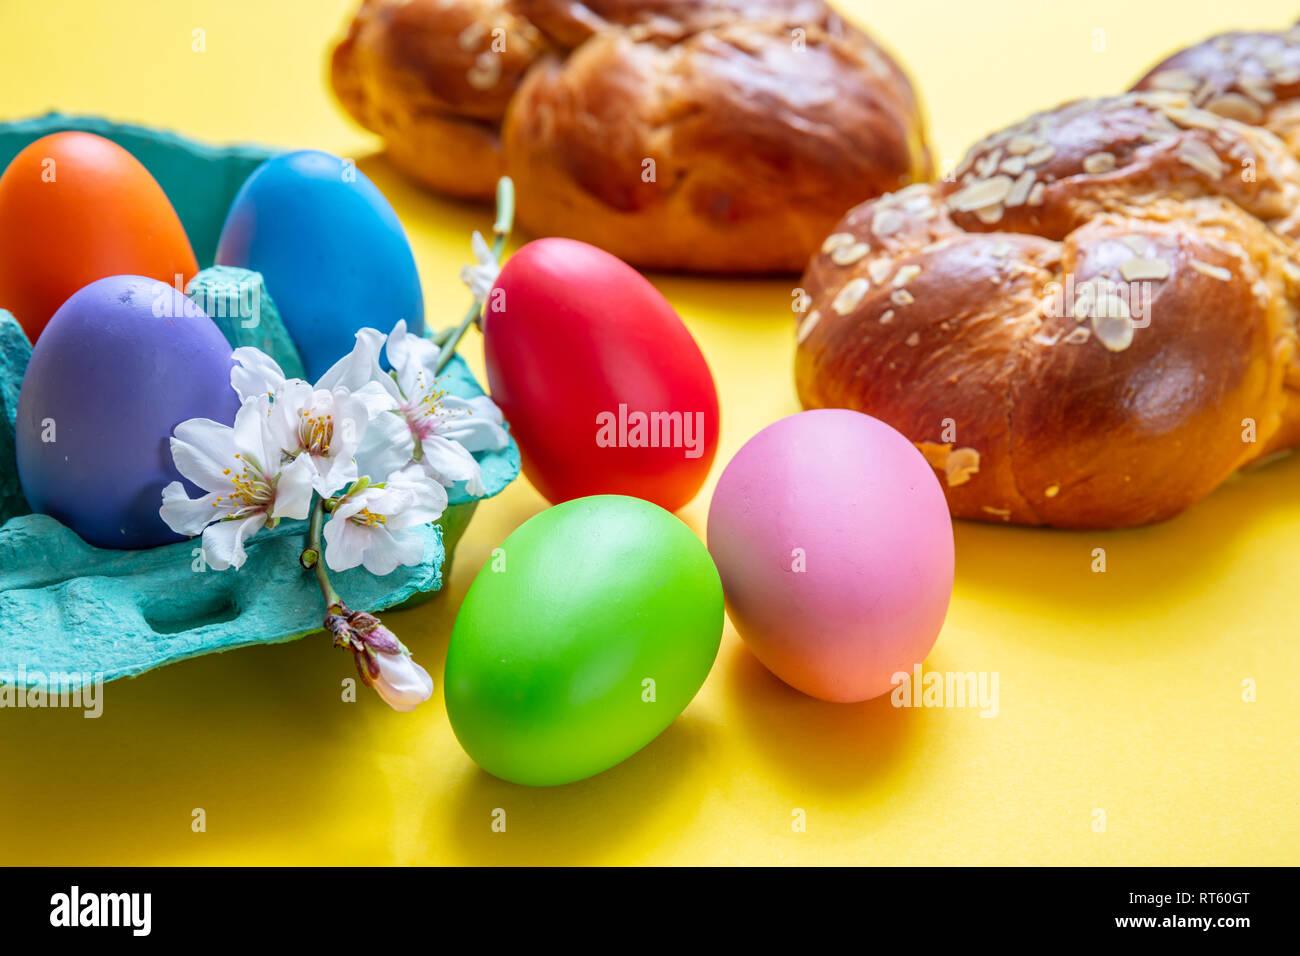 Œufs de Pâques et tsoureki tresse, pain sucré de Pâques grecque, sur un fond de couleur jaune Banque D'Images